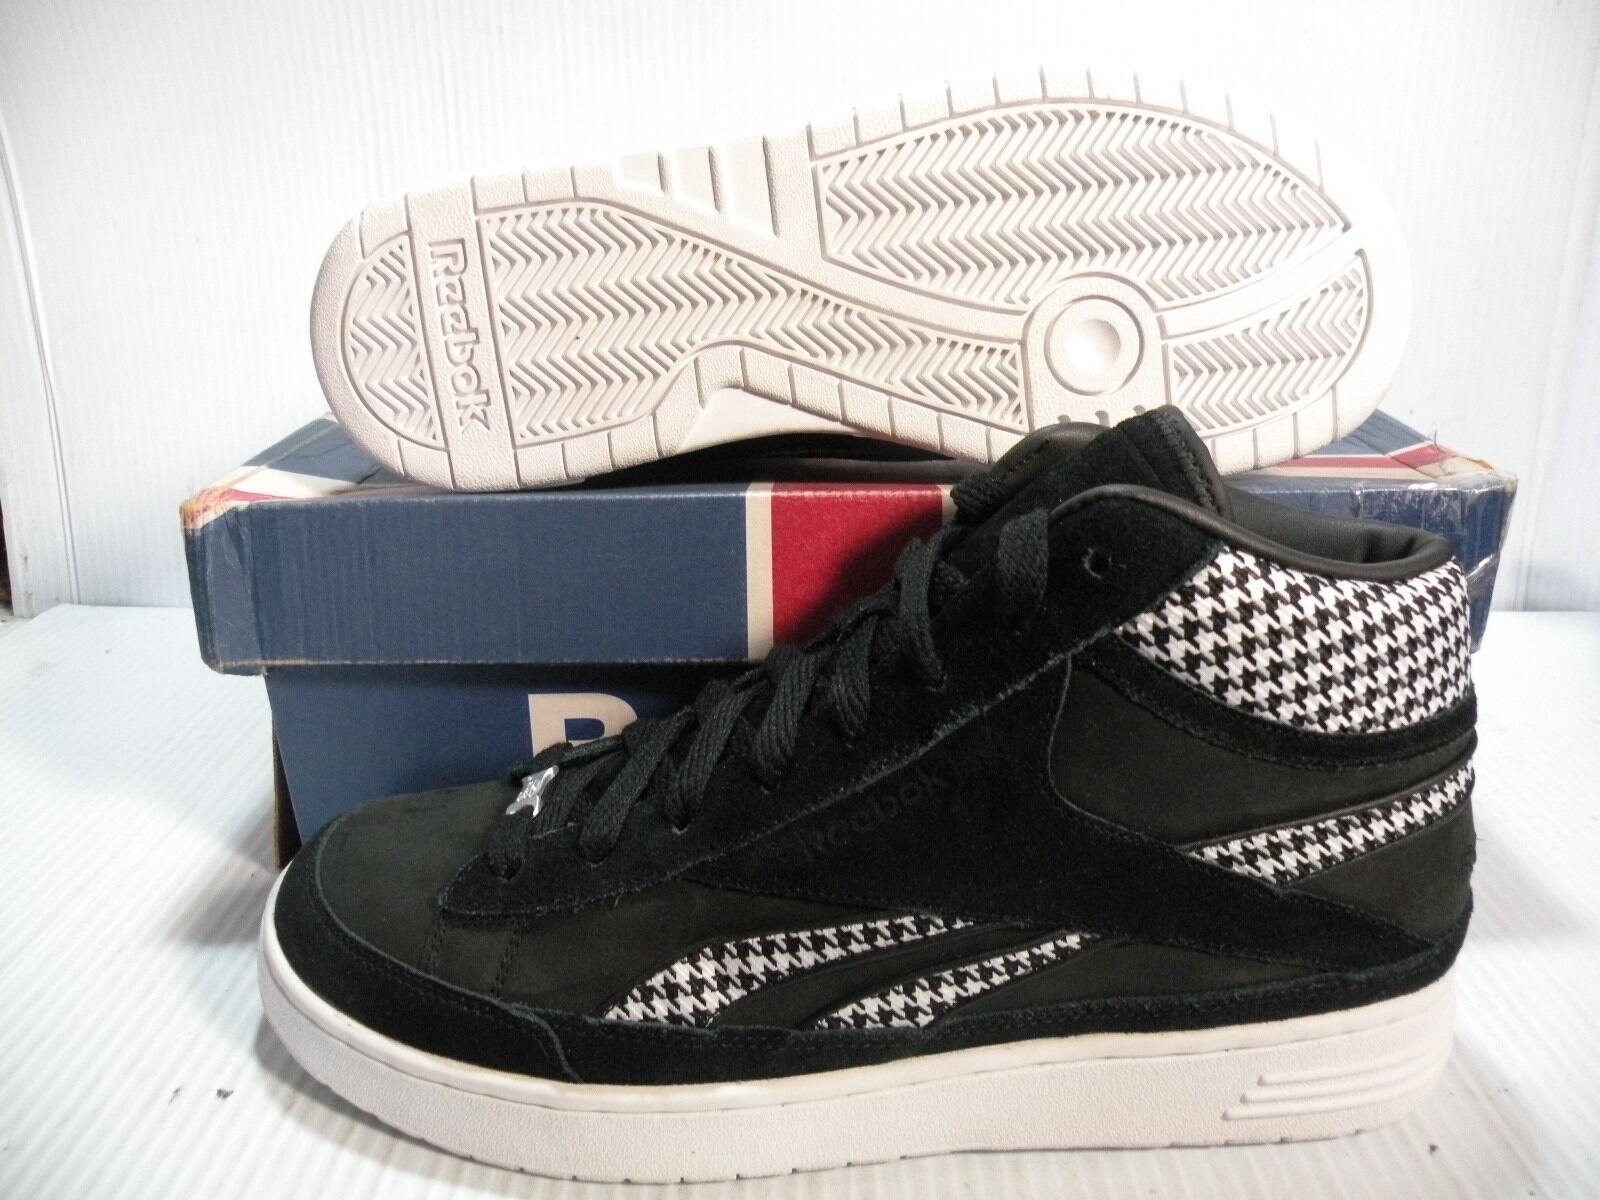 REEBOK CLASSIC BEMO Mid Tenis Hombres Zapatos JPE 4-121071 Negro blancoo Talla 9.5 Nuevo